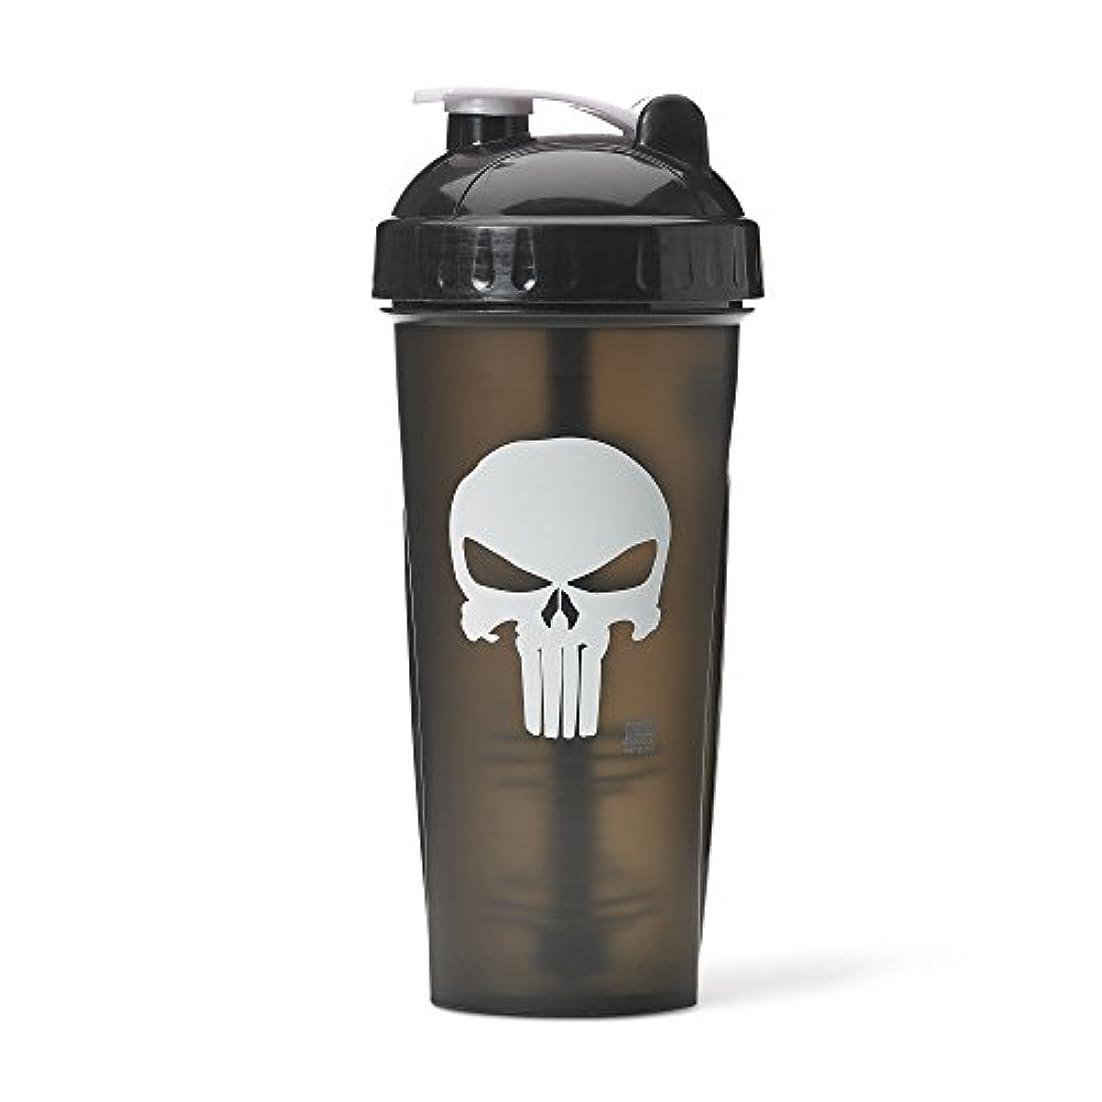 入場料正午わがままPerforma Marvel Shaker - Original Series, Leak Free Protein Shaker Bottle with Actionrod Mixing Technology for...